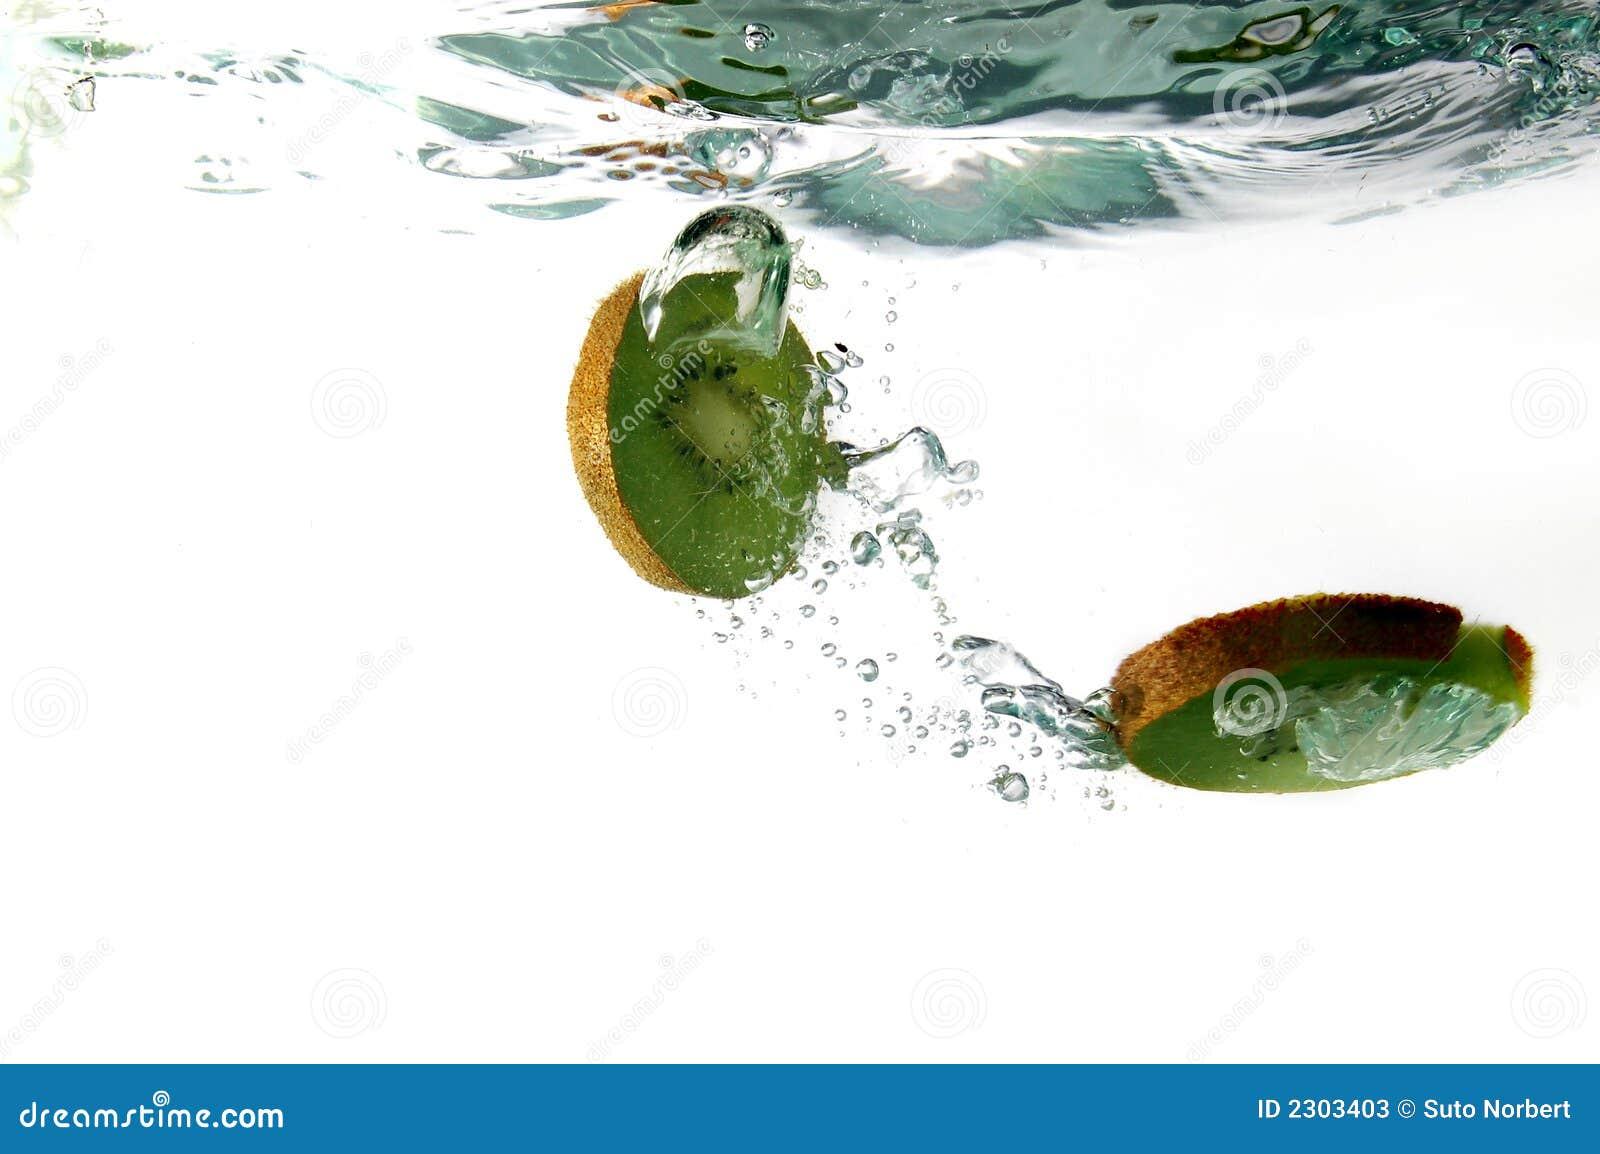 Fruit splash classic - Fruit Splash